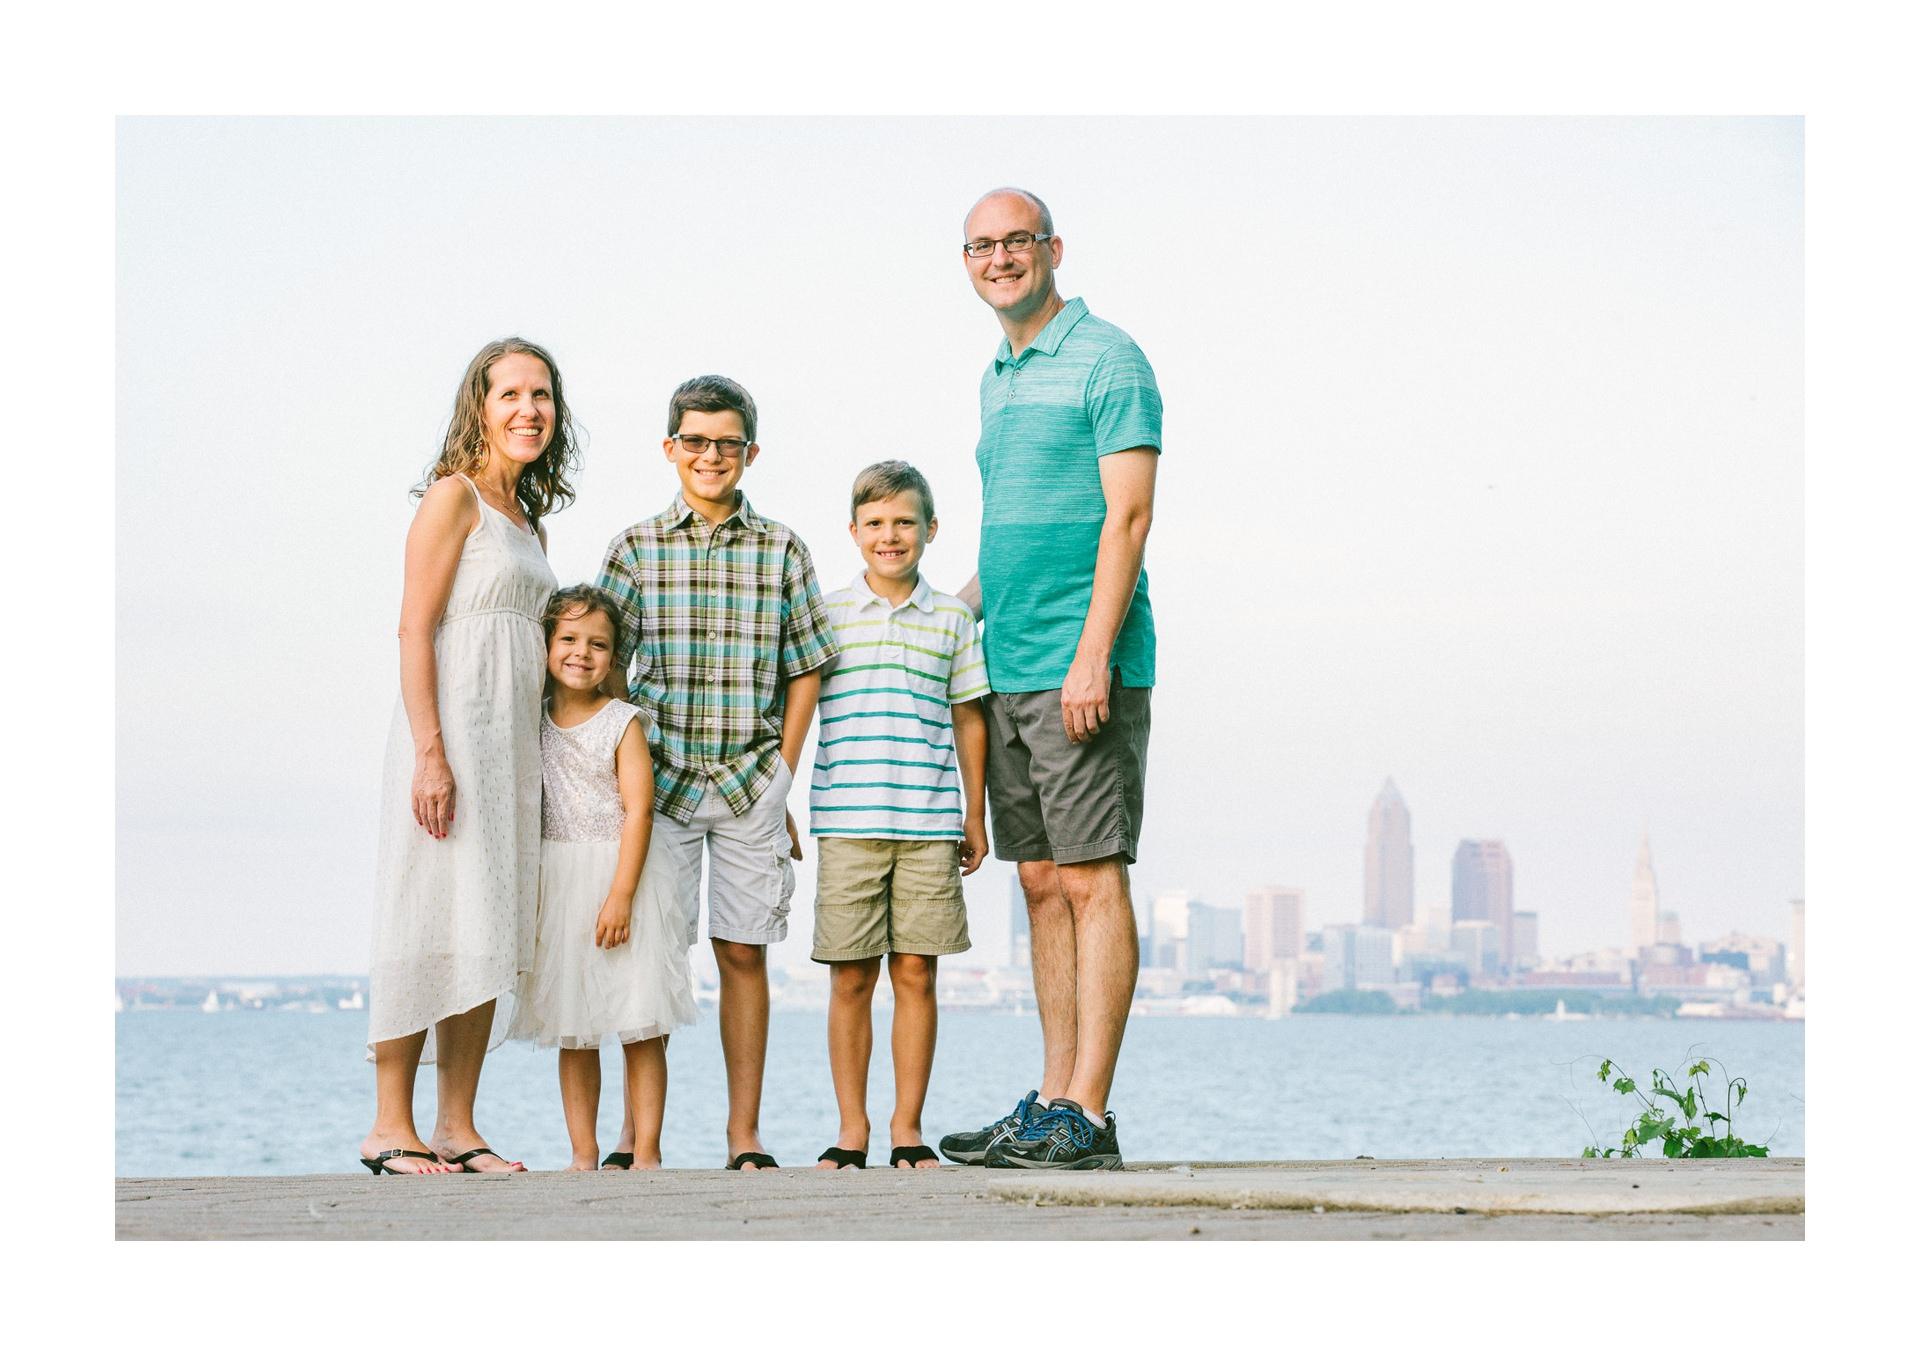 Lakewood Ohio Lifestyle Family Photographer 17.jpg